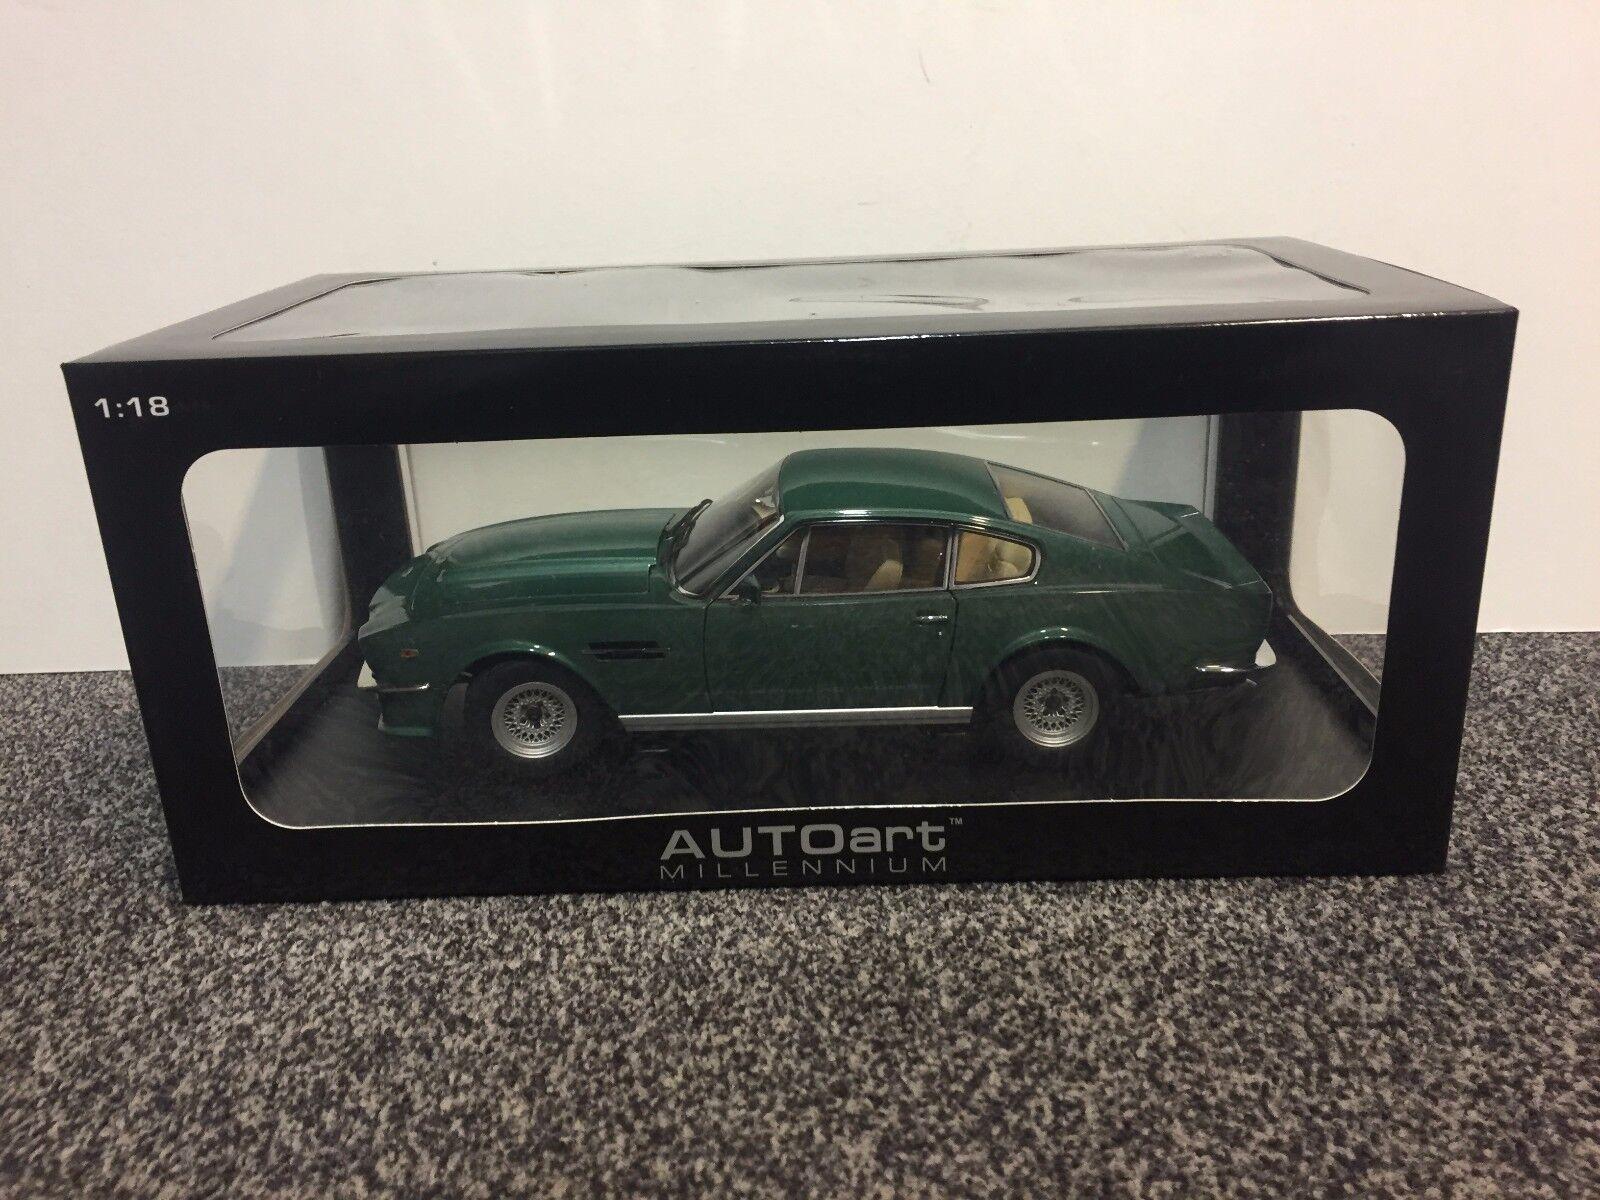 Aston Martin v8 Vantage 1985 Cumberland gris gris gris 1 18 Autoart  40% de descuento